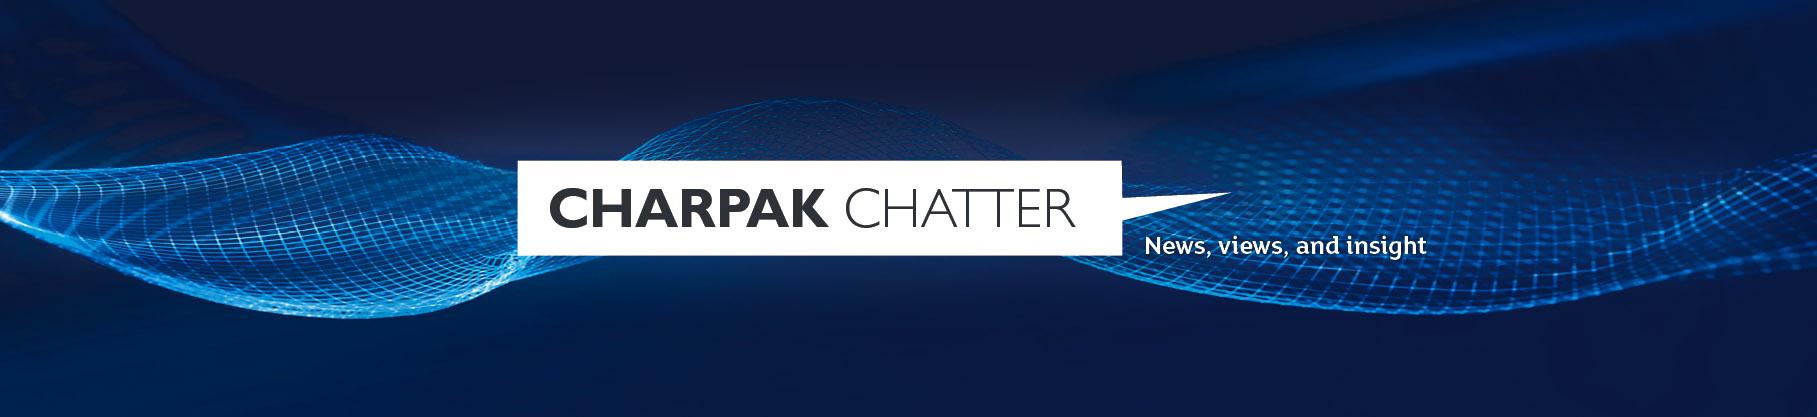 charpak_chatter_slide